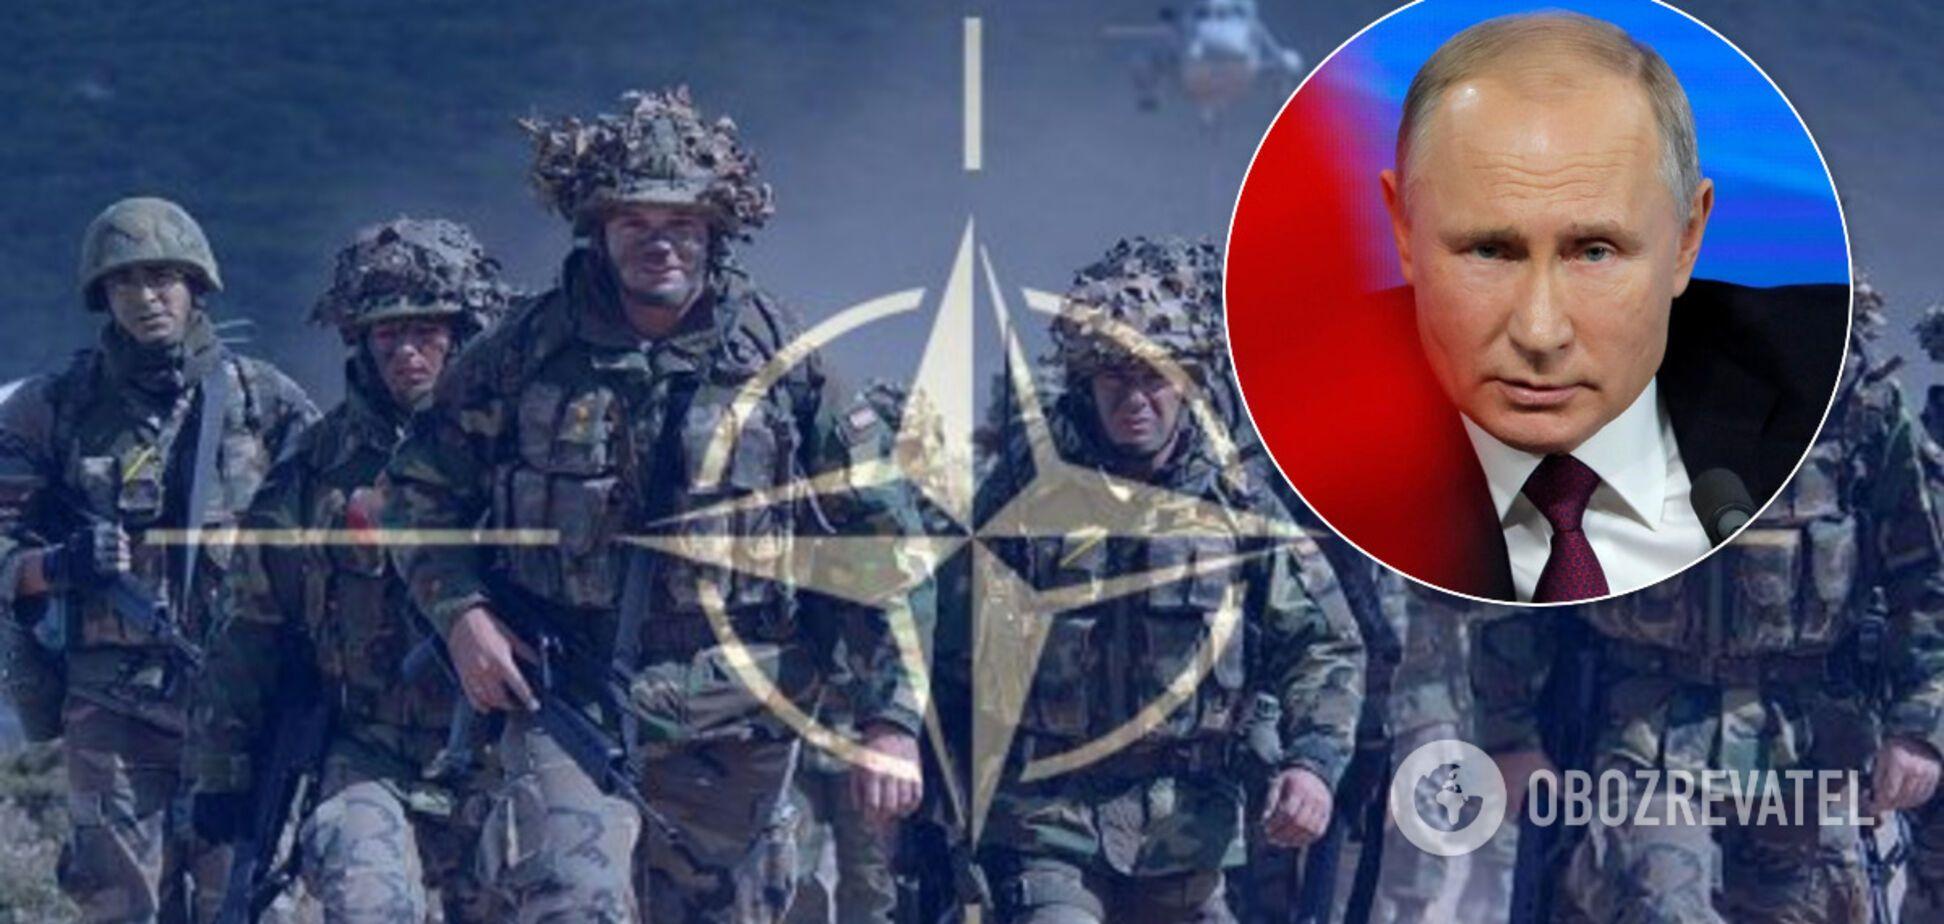 НАТО и США начинают мощные военные учения: Путин доигрался